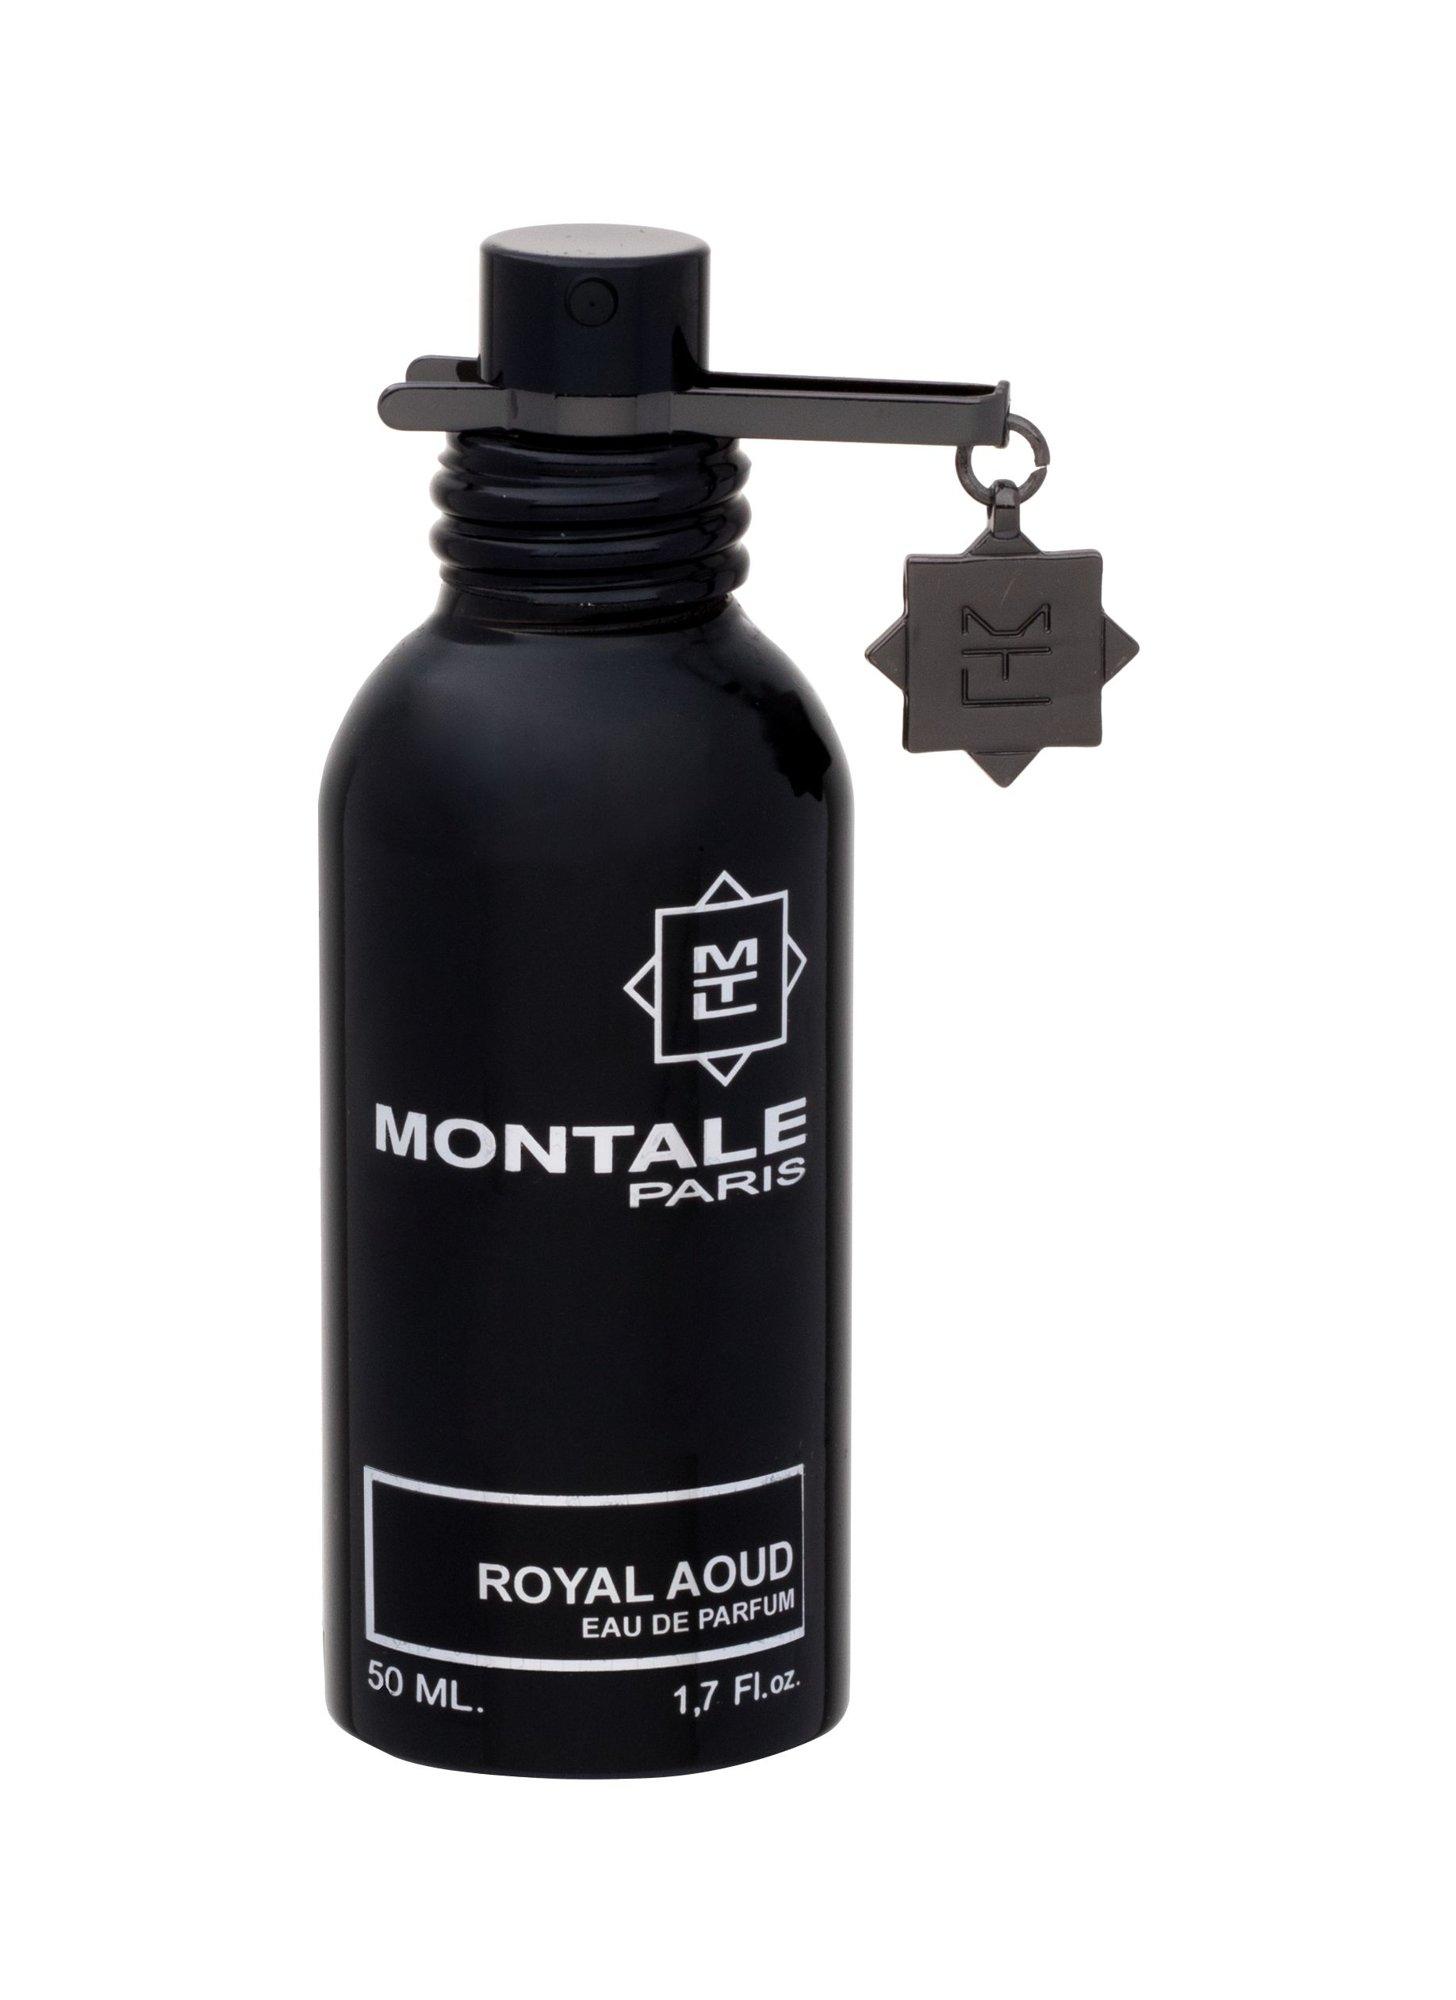 Montale Paris Royal Aoud EDP 50ml